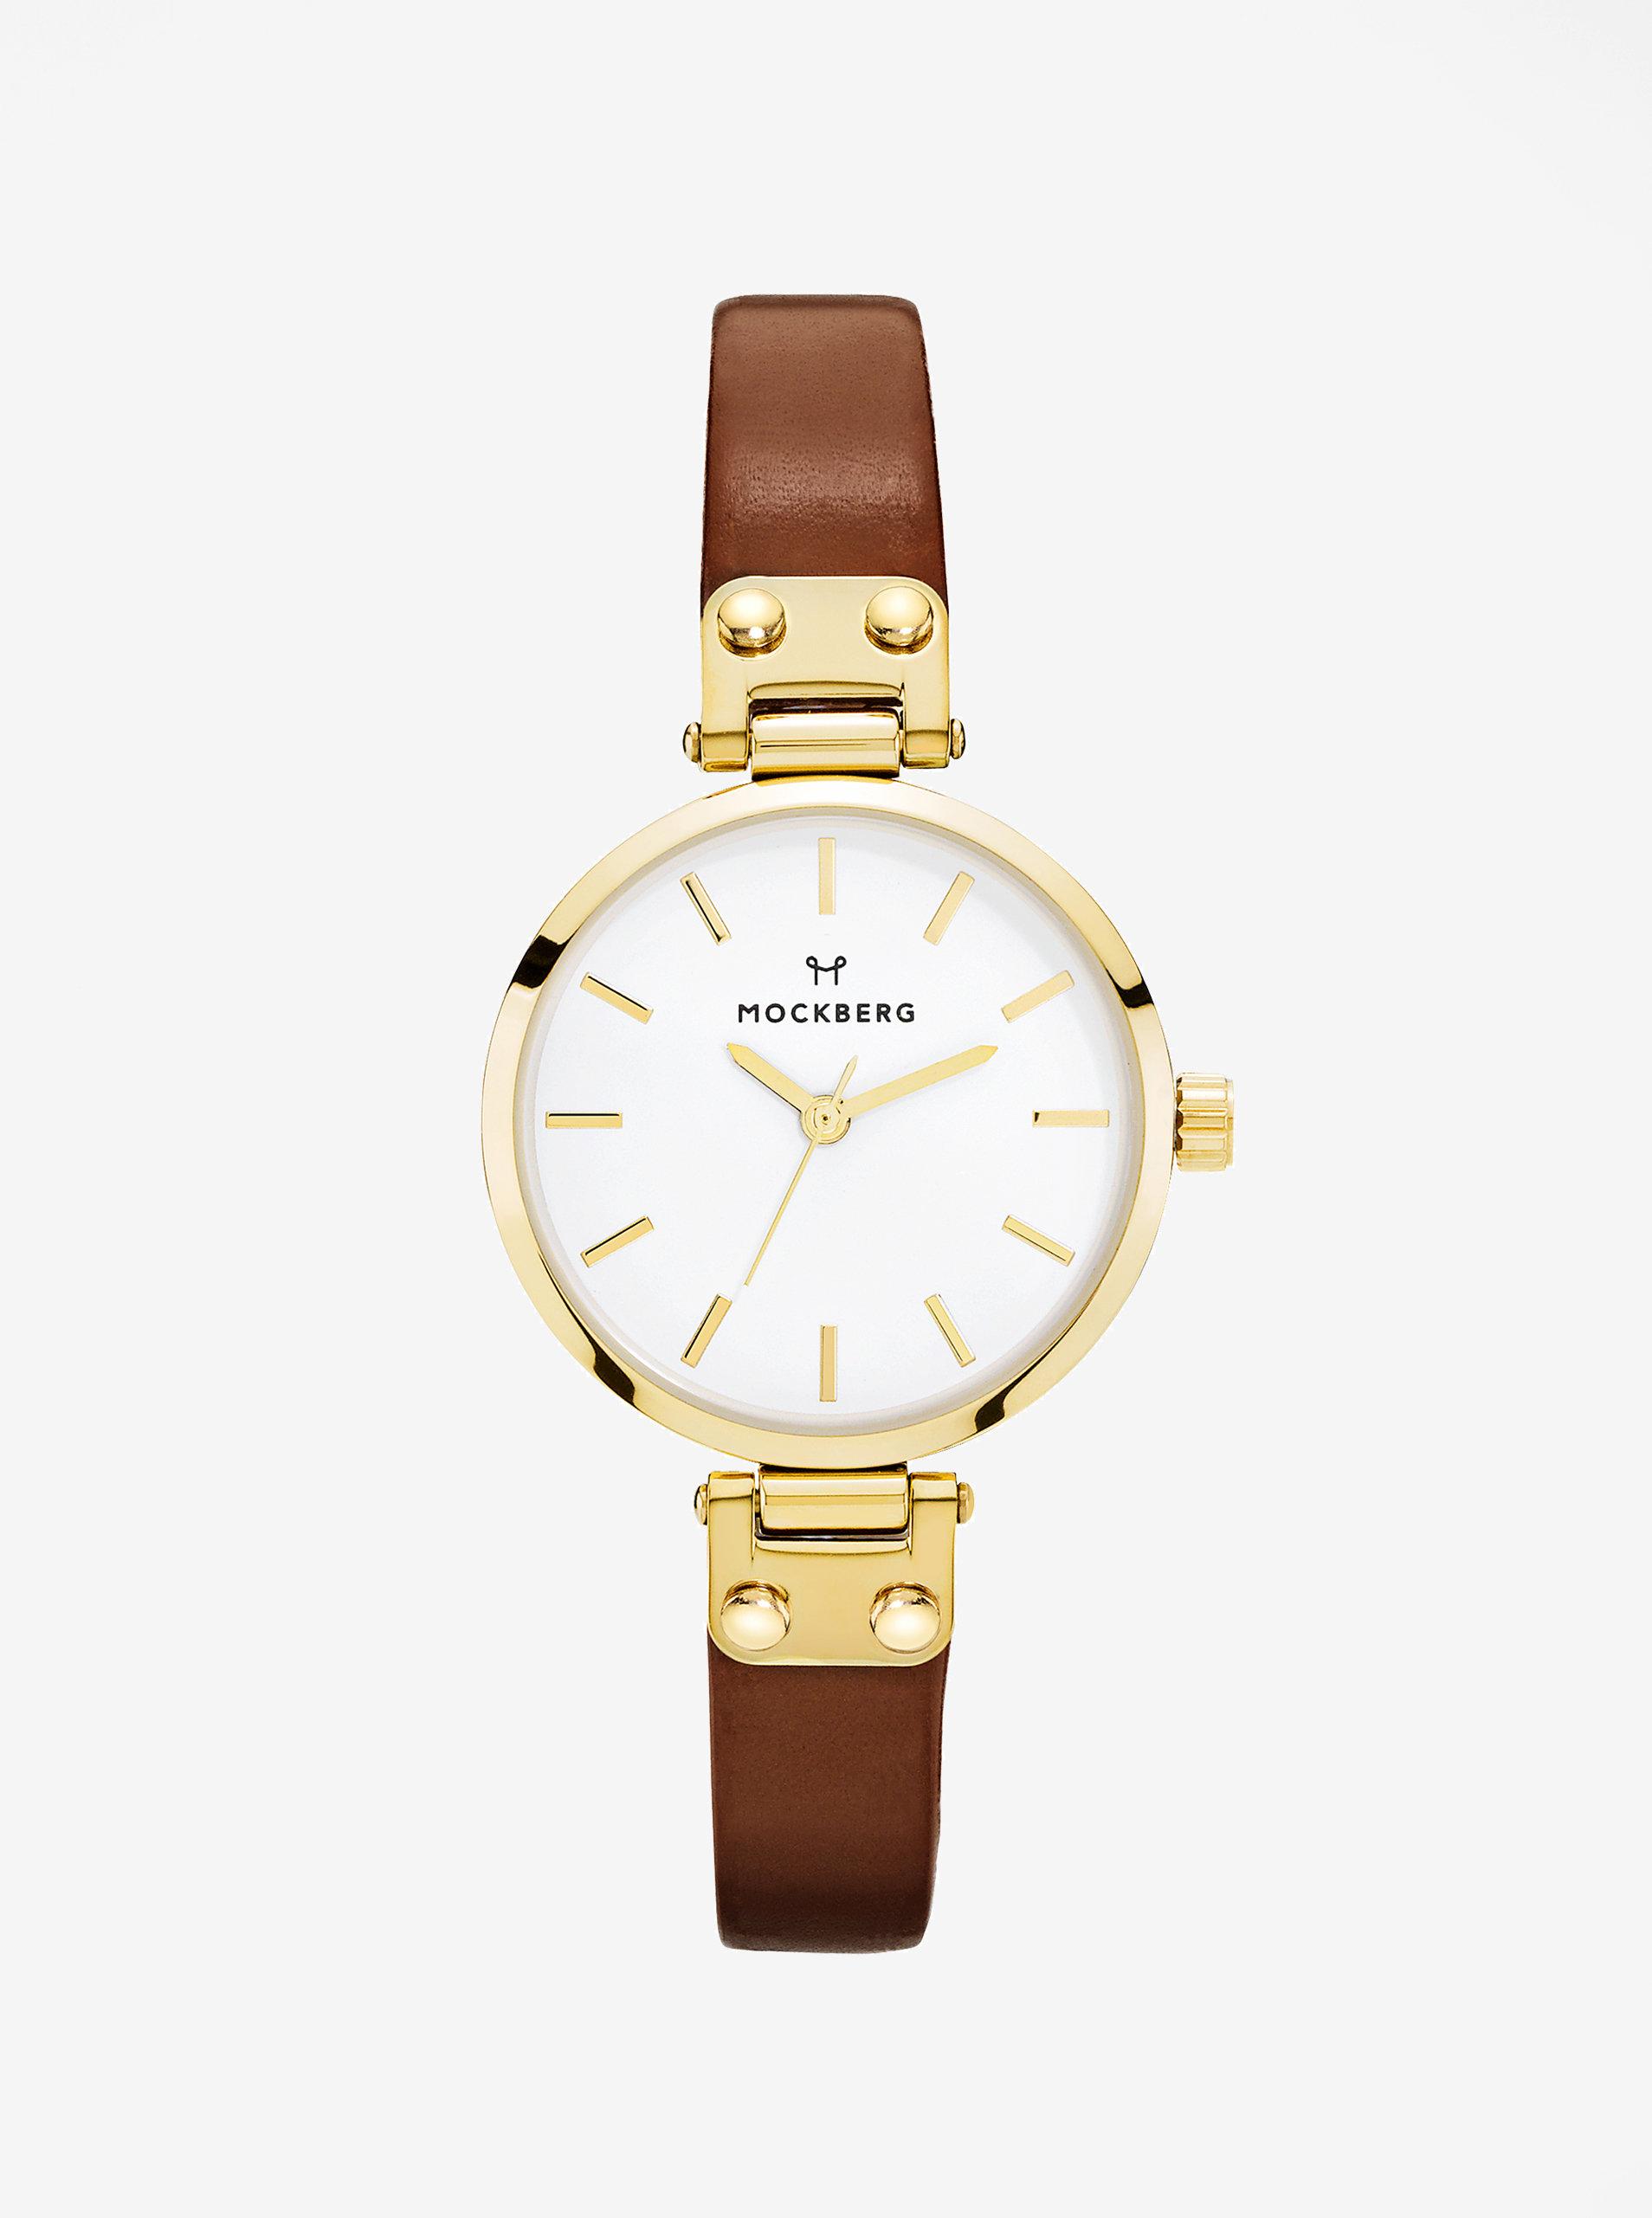 Dámské hodinky ve zlaté barvě s hnědým koženým páskem MOCKBERG Ilse petite  ... 0f0aeb3b71